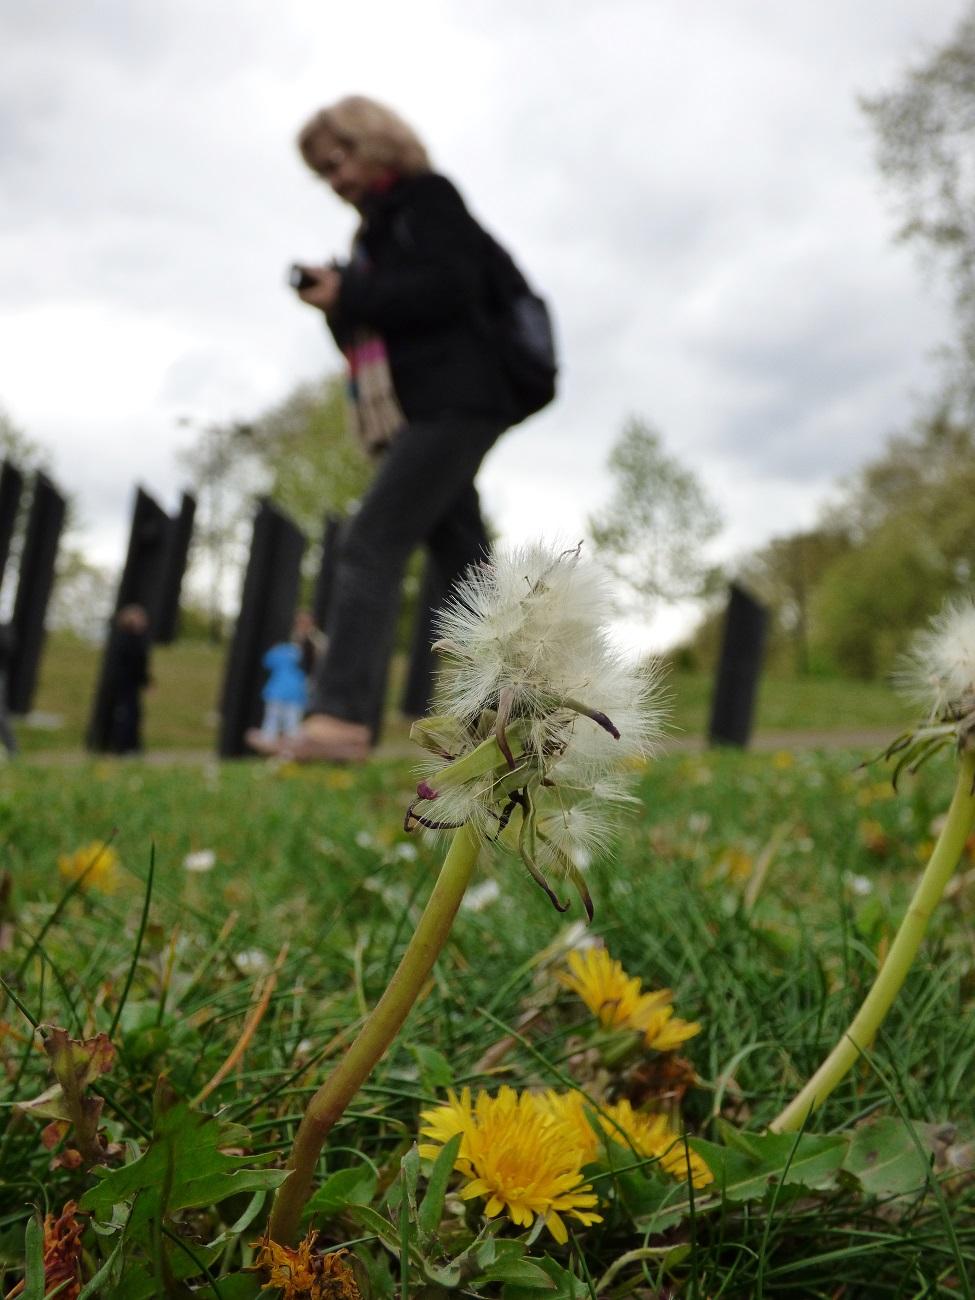 20170407_Westminster_New-Zealand-War-Memorial-Garden_Blown-away